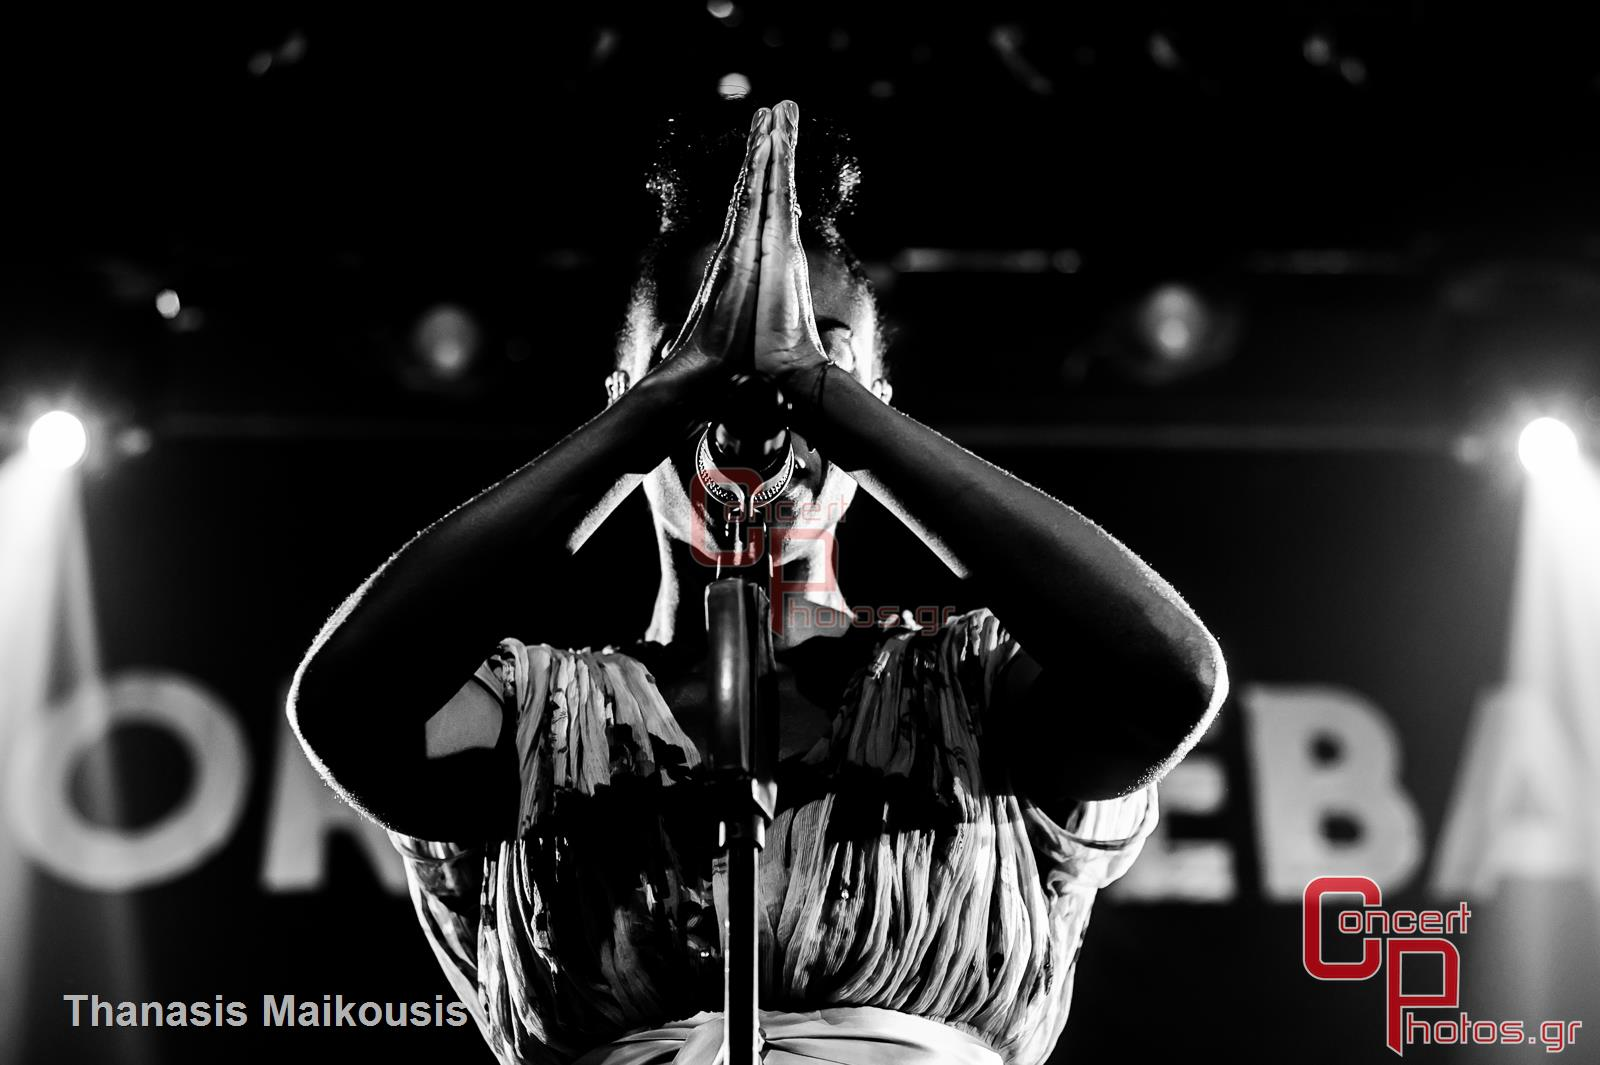 Morcheeba-Morcheeba Gagarin photographer: Thanasis Maikousis - ConcertPhotos-1470